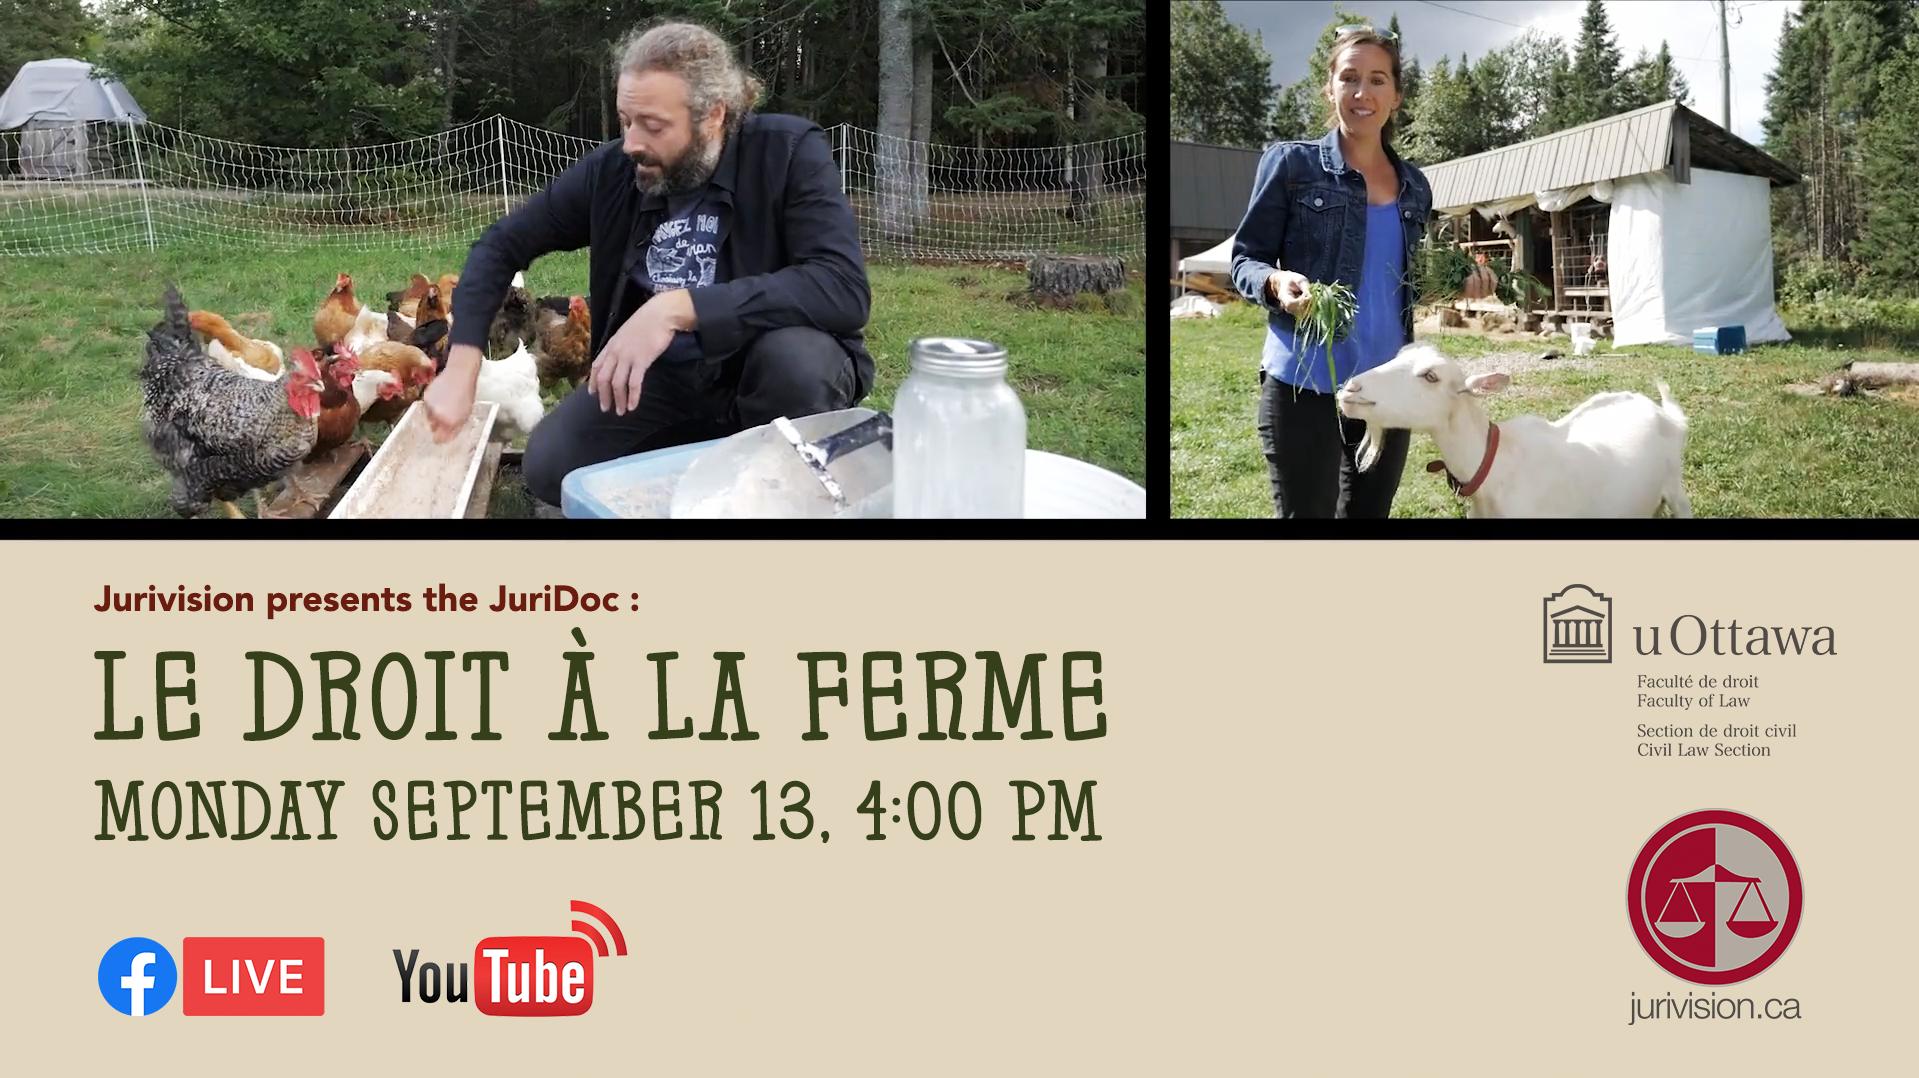 English poster for the premiere of Le droit a la ferme